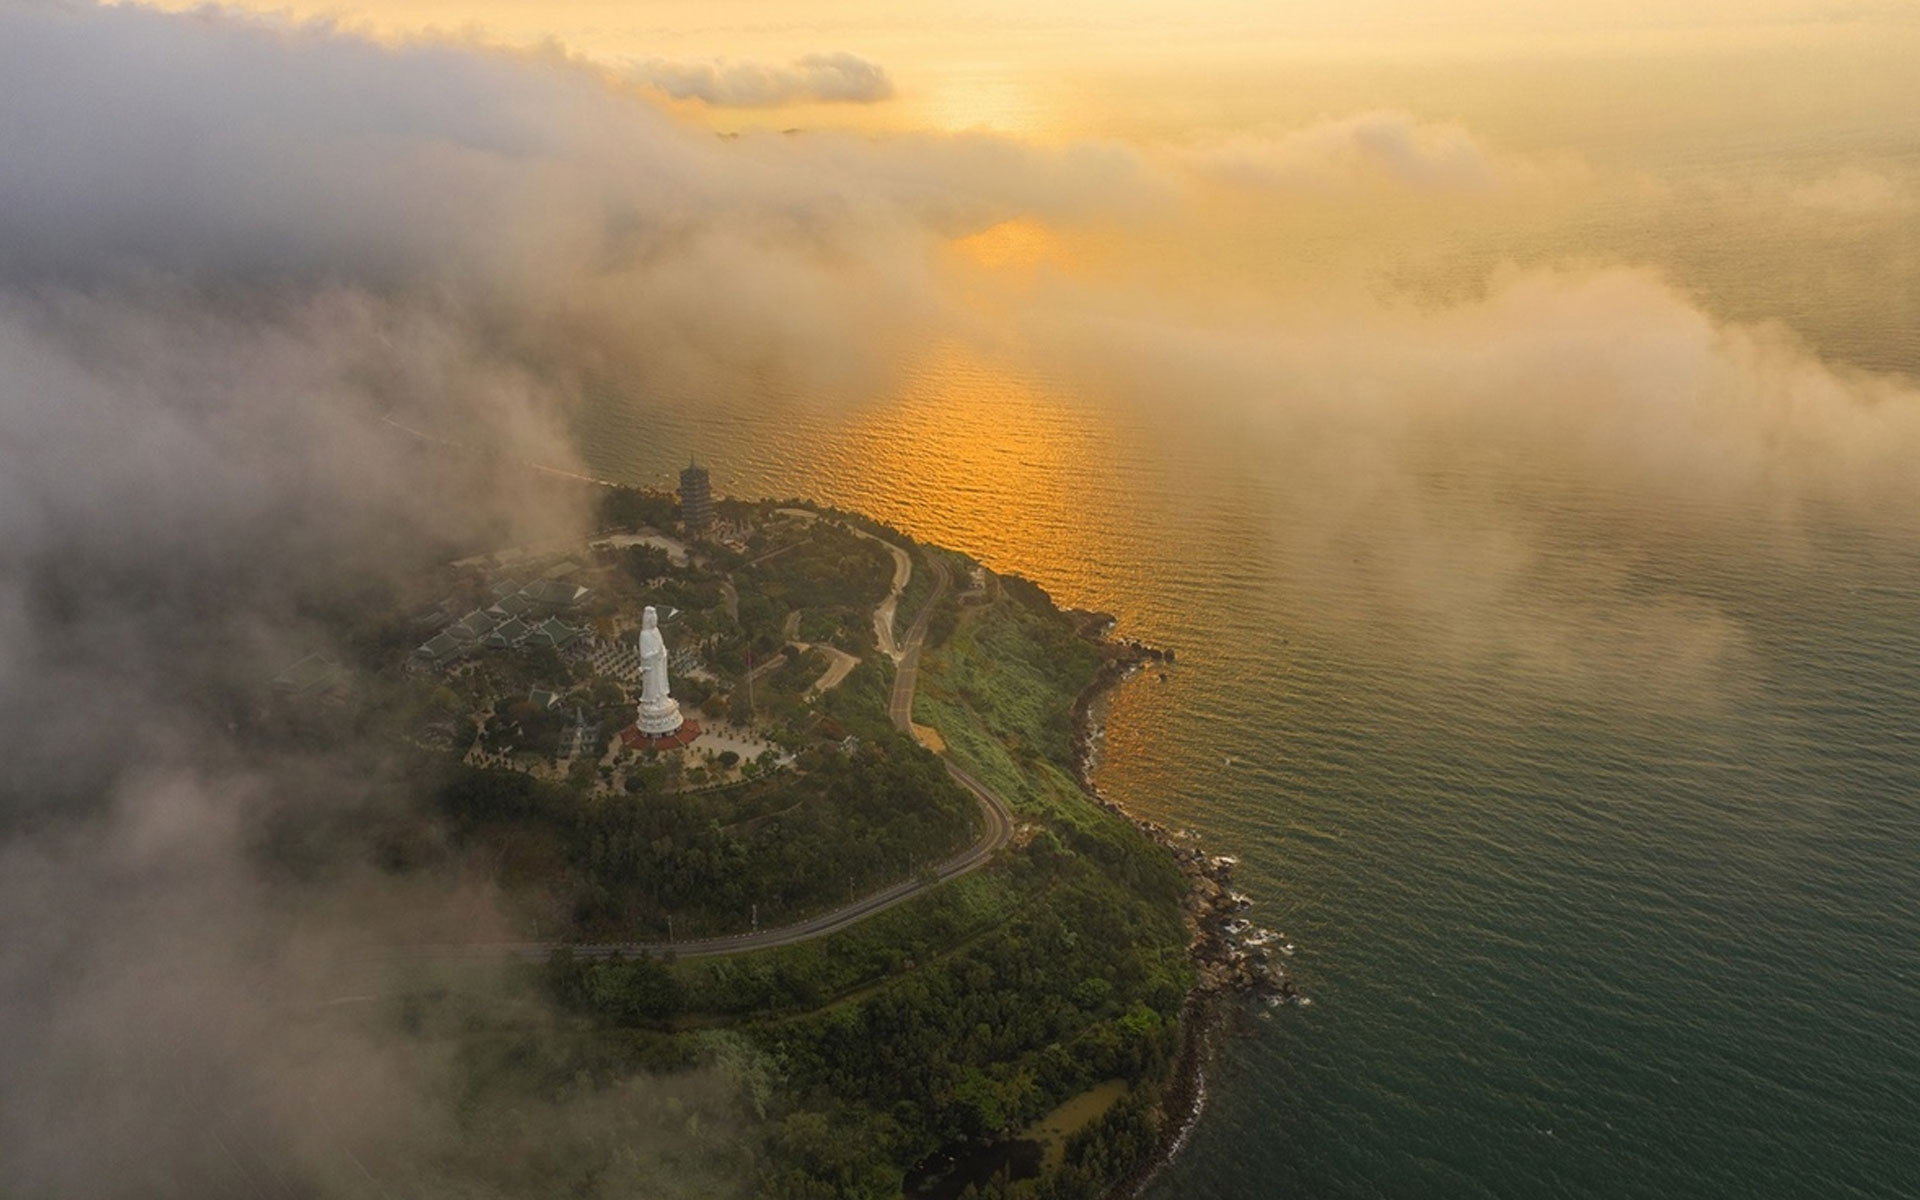 Son Tra Peninsula Linh Ung Pagoda